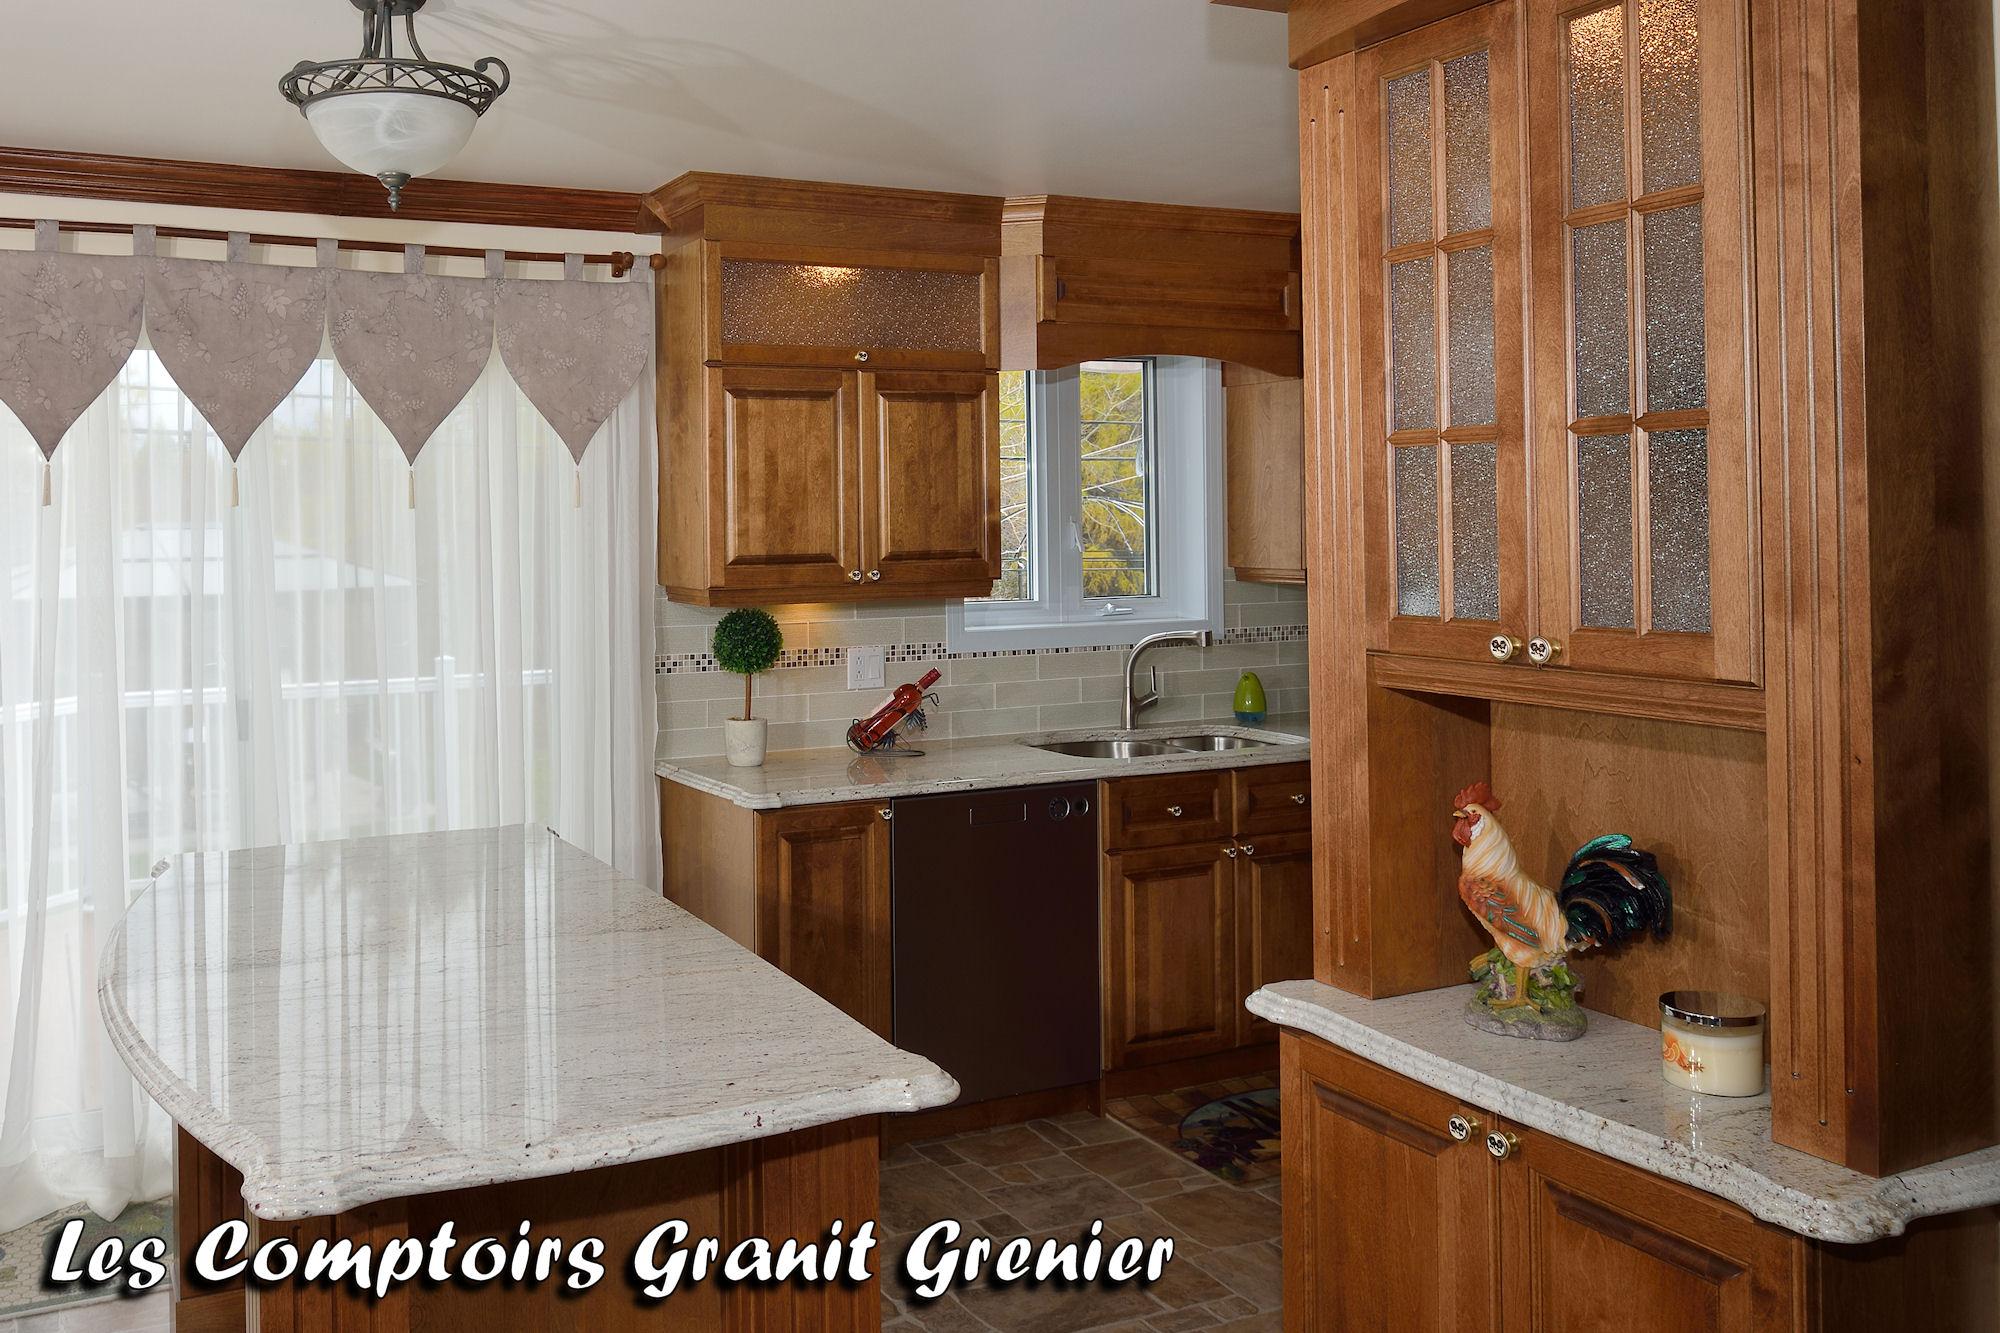 comptoir cuisine granit 004 large 30 Beau Comptoir De Cuisine Uqw1